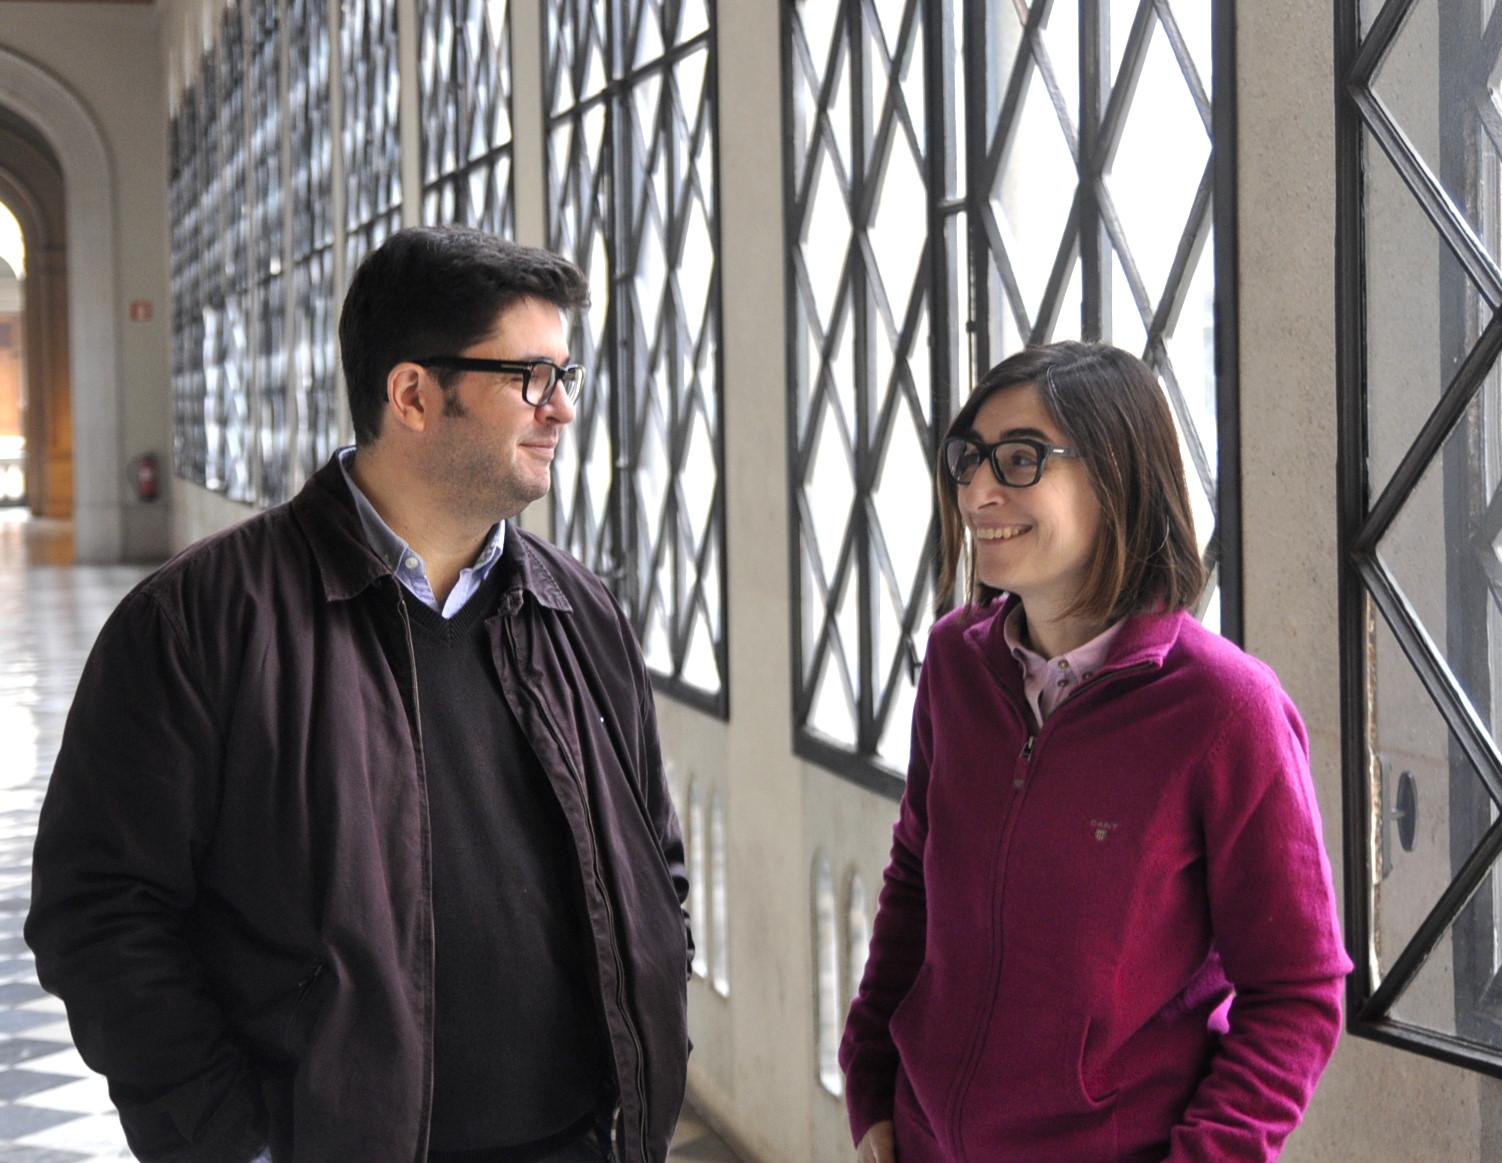 Òscar Bagur i Marta Vilallonga